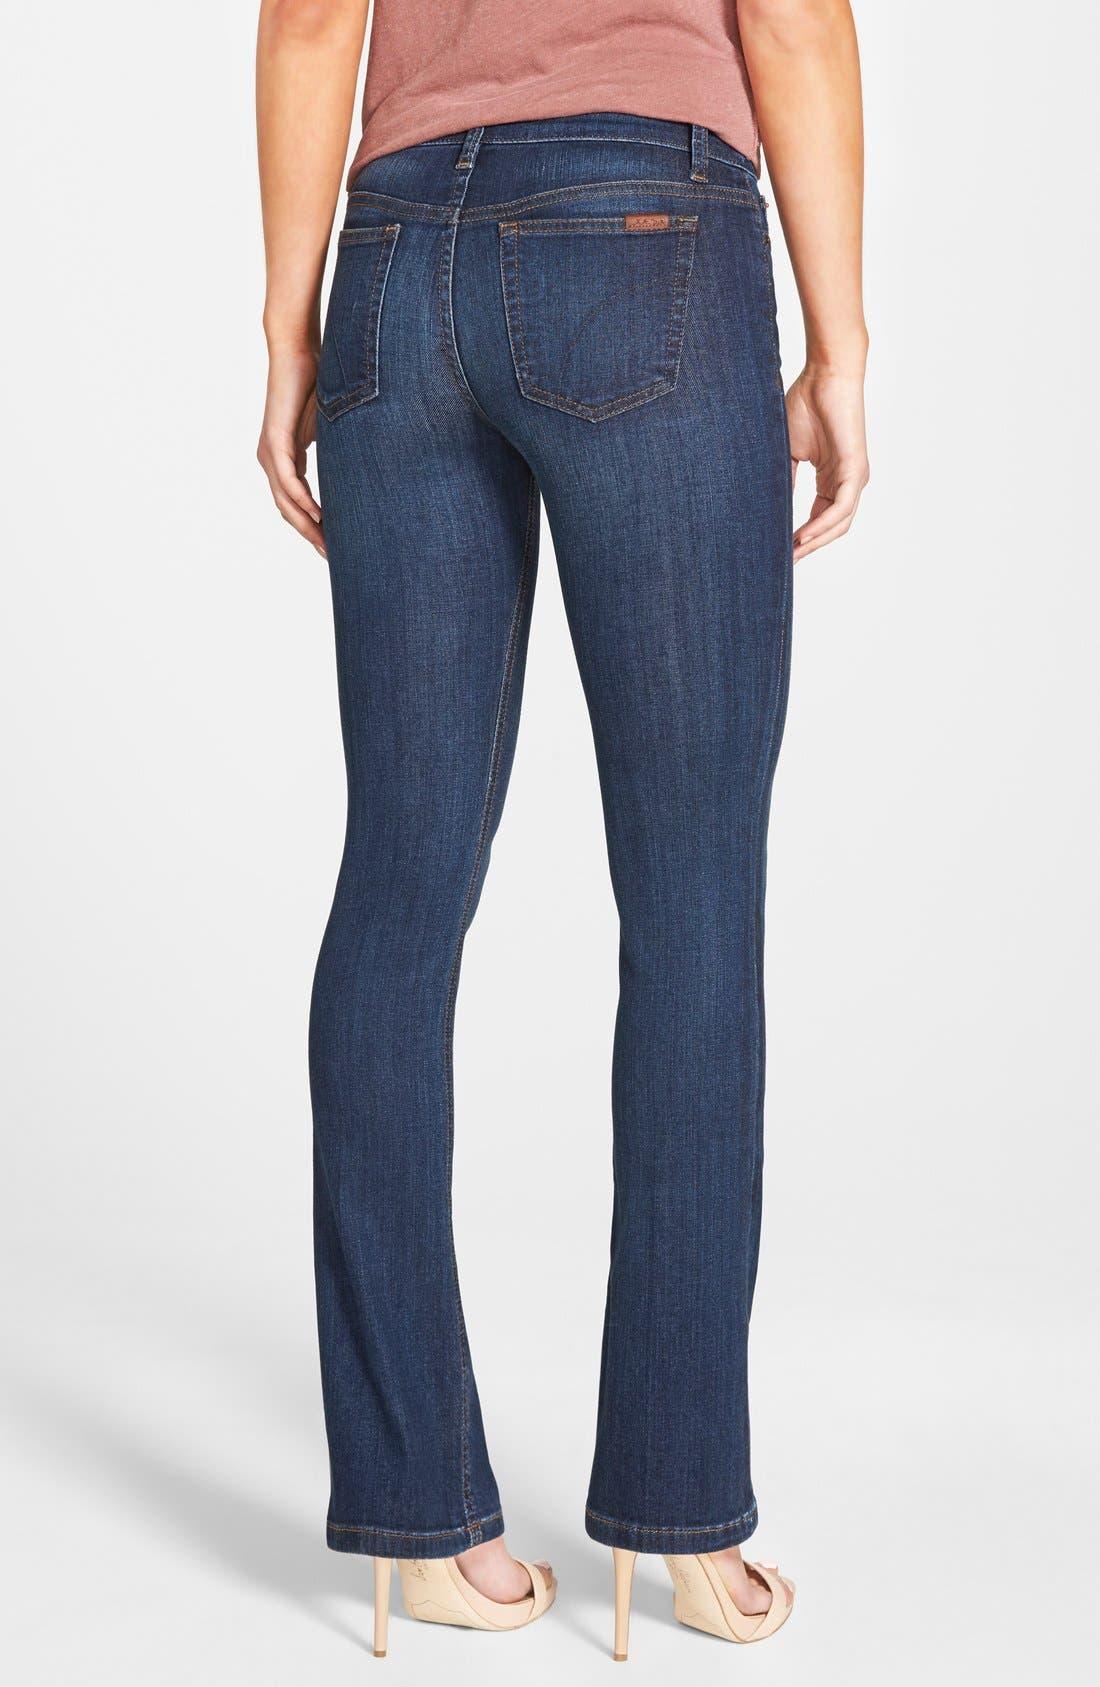 JOE'S,                             'Provocateur' Bootcut Jeans,                             Alternate thumbnail 4, color,                             400